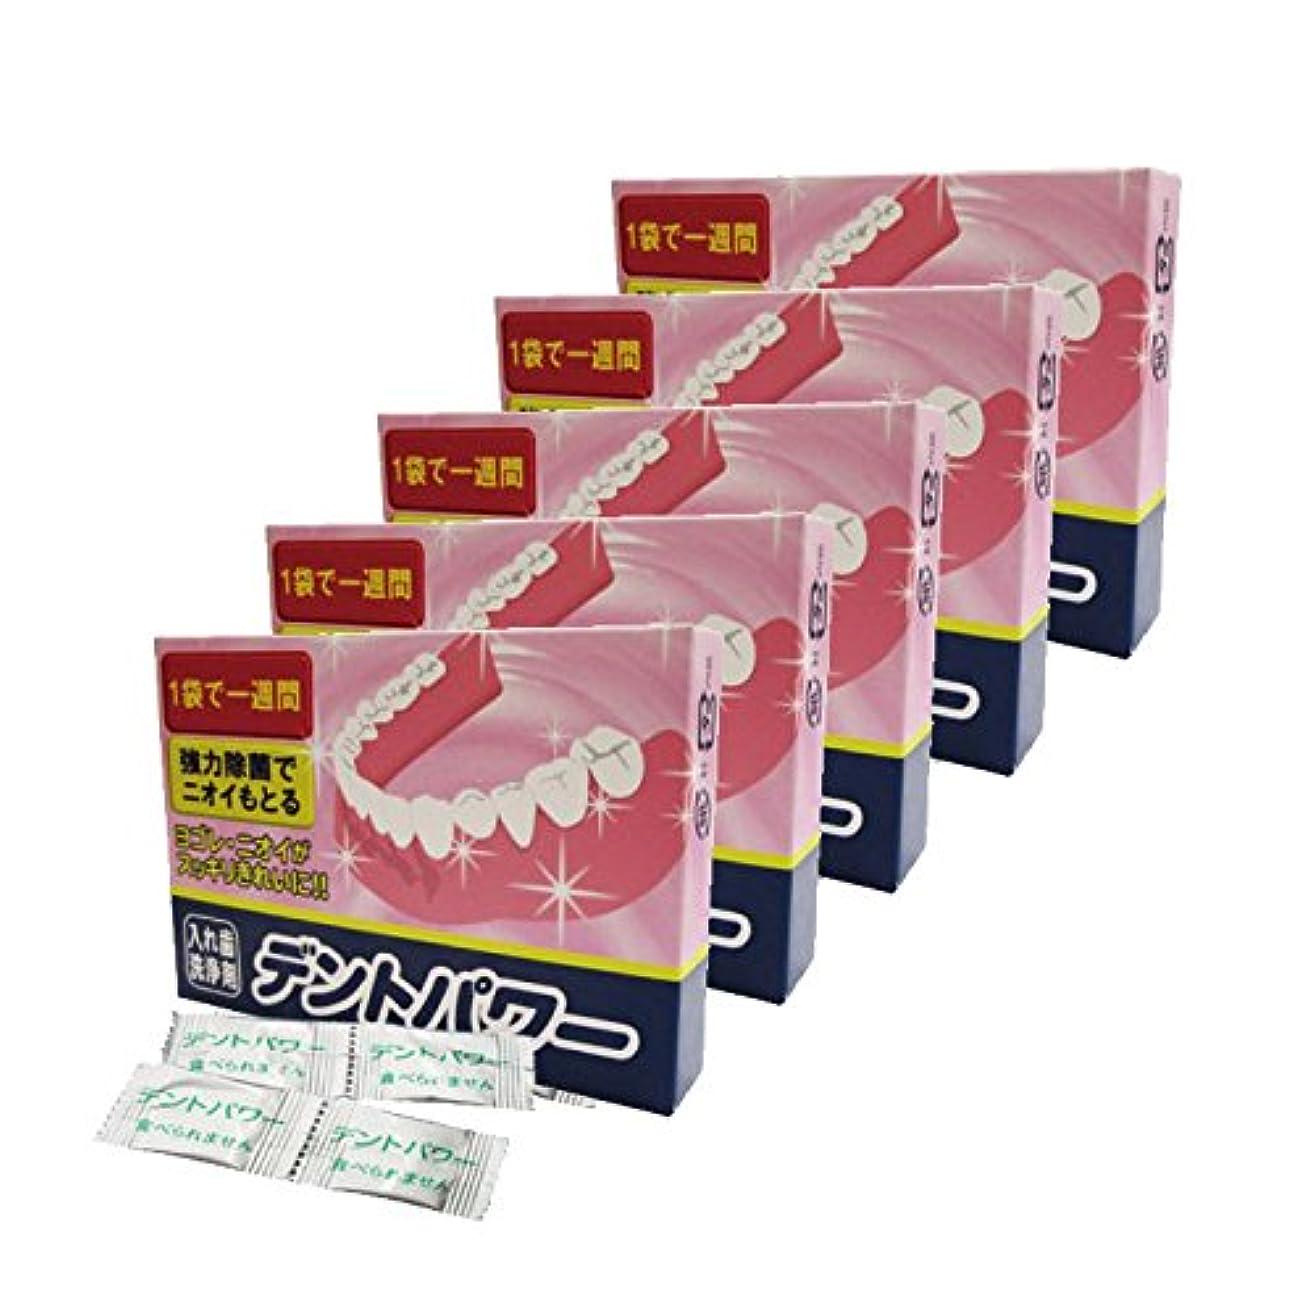 エレクトロニックすごいサーバントデントパワー 入れ歯洗浄剤 5ヵ月用x5個セット